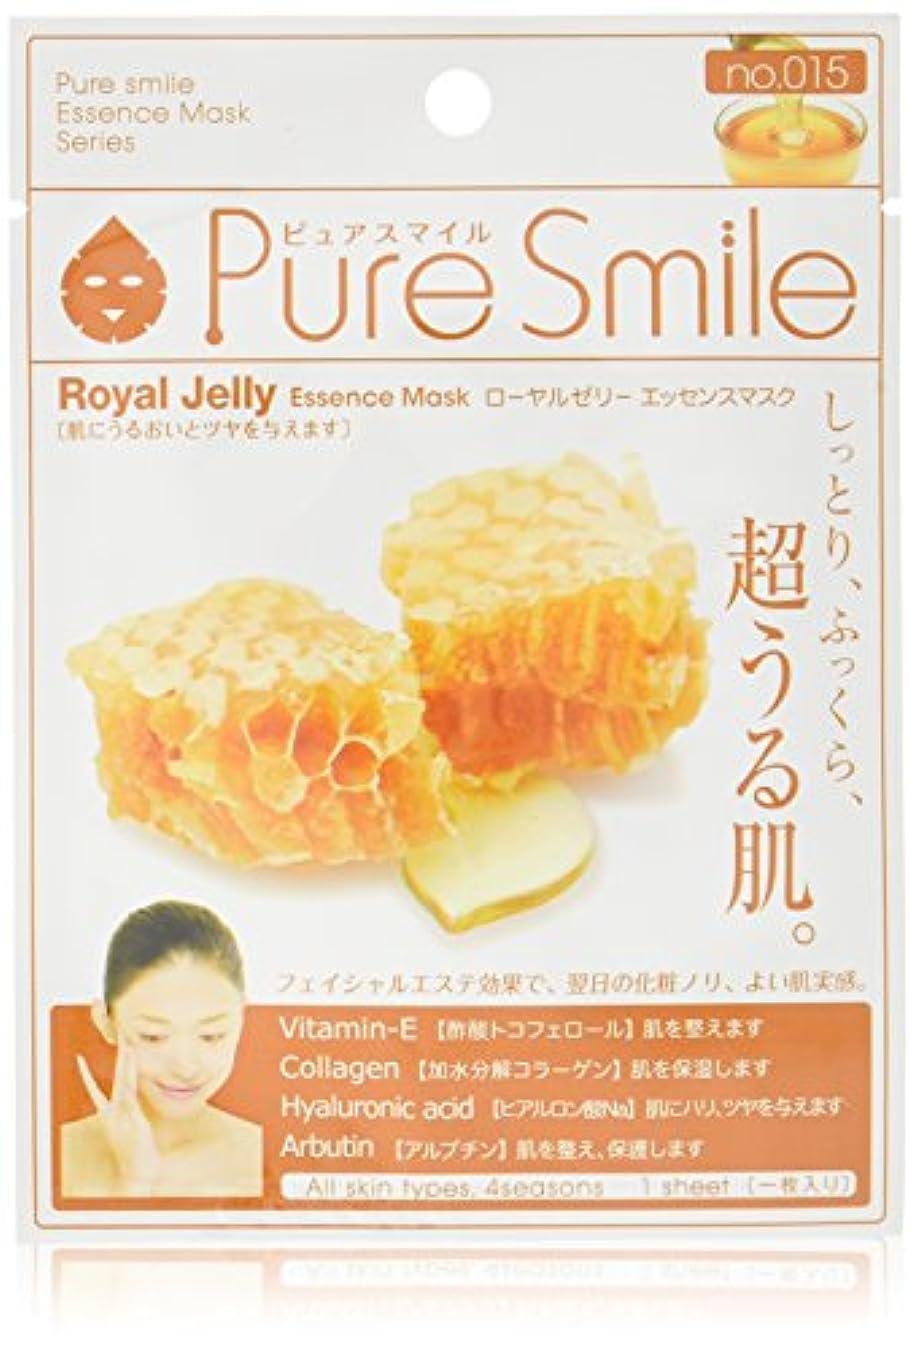 価値断片降雨Pure Smile ピュアスマイル エッセンスマスク ローヤルゼリー 6枚セット